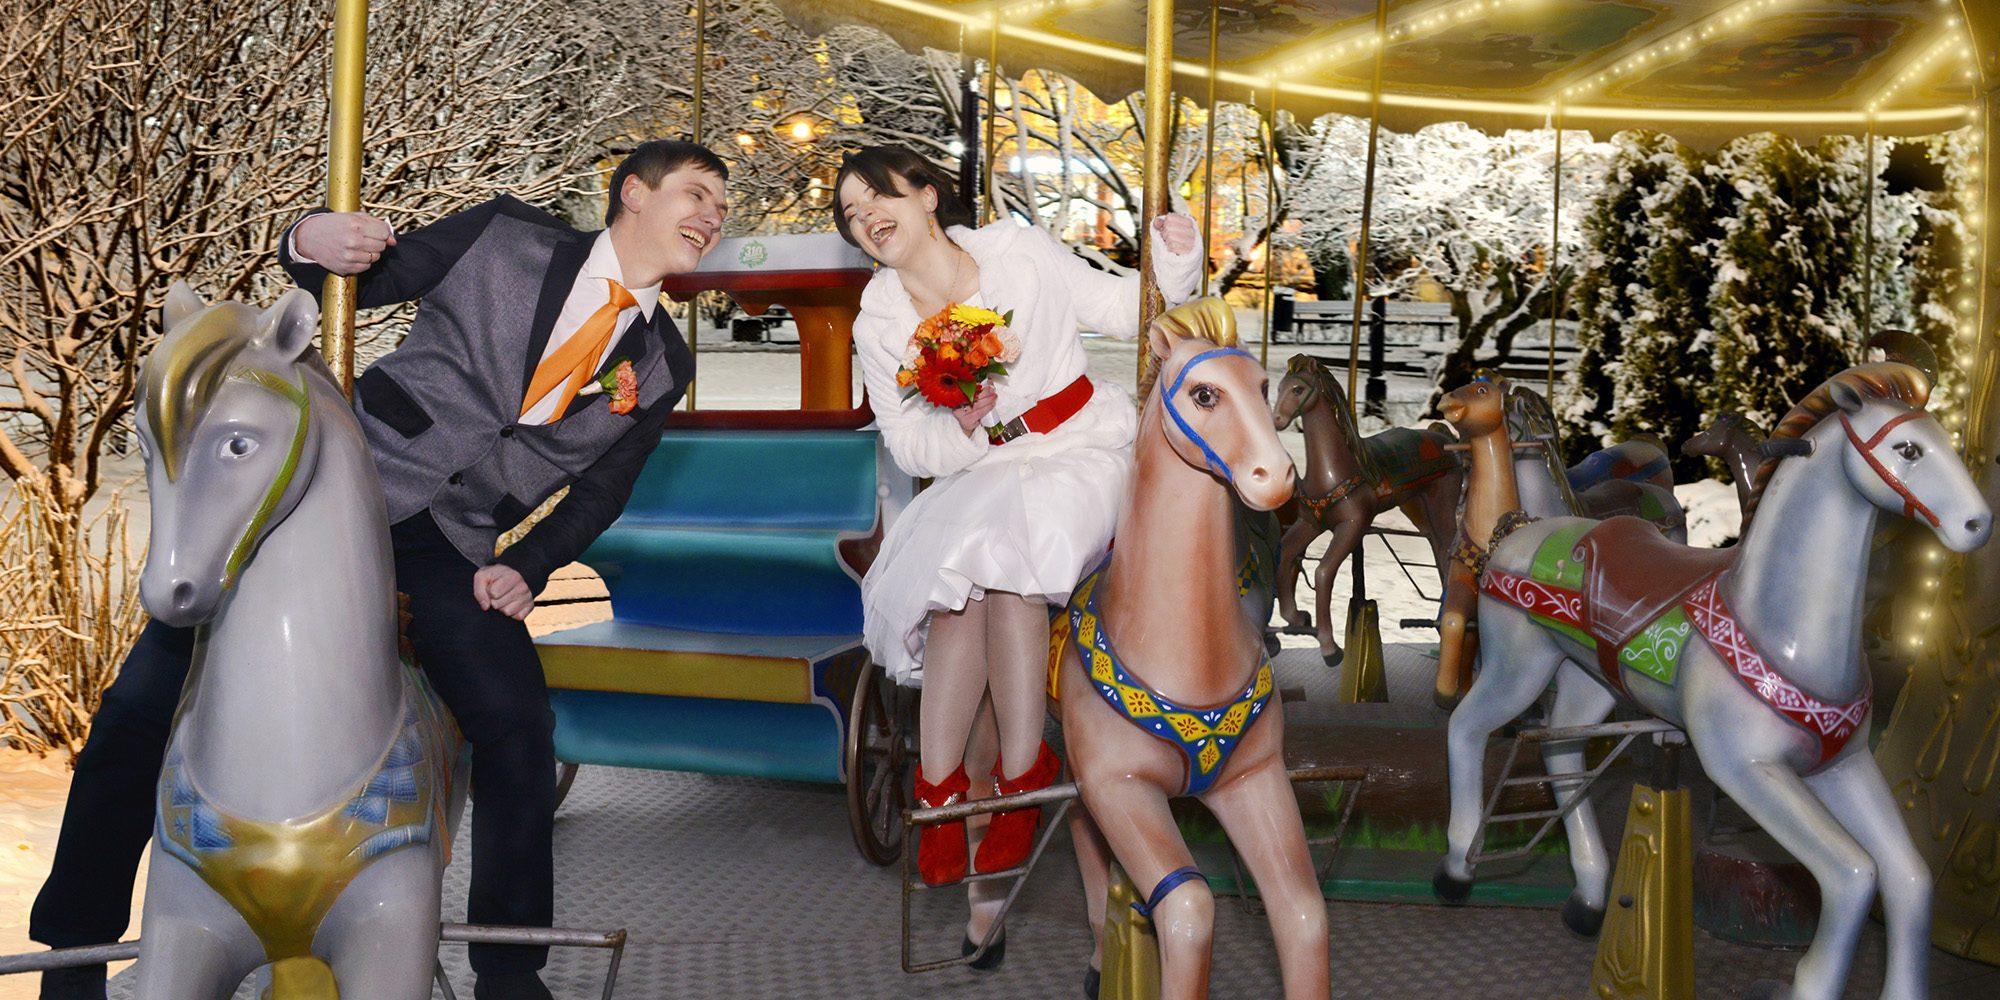 Hochzeitsfotograf Hochzeitsreportage Brautpaarfotoshooting